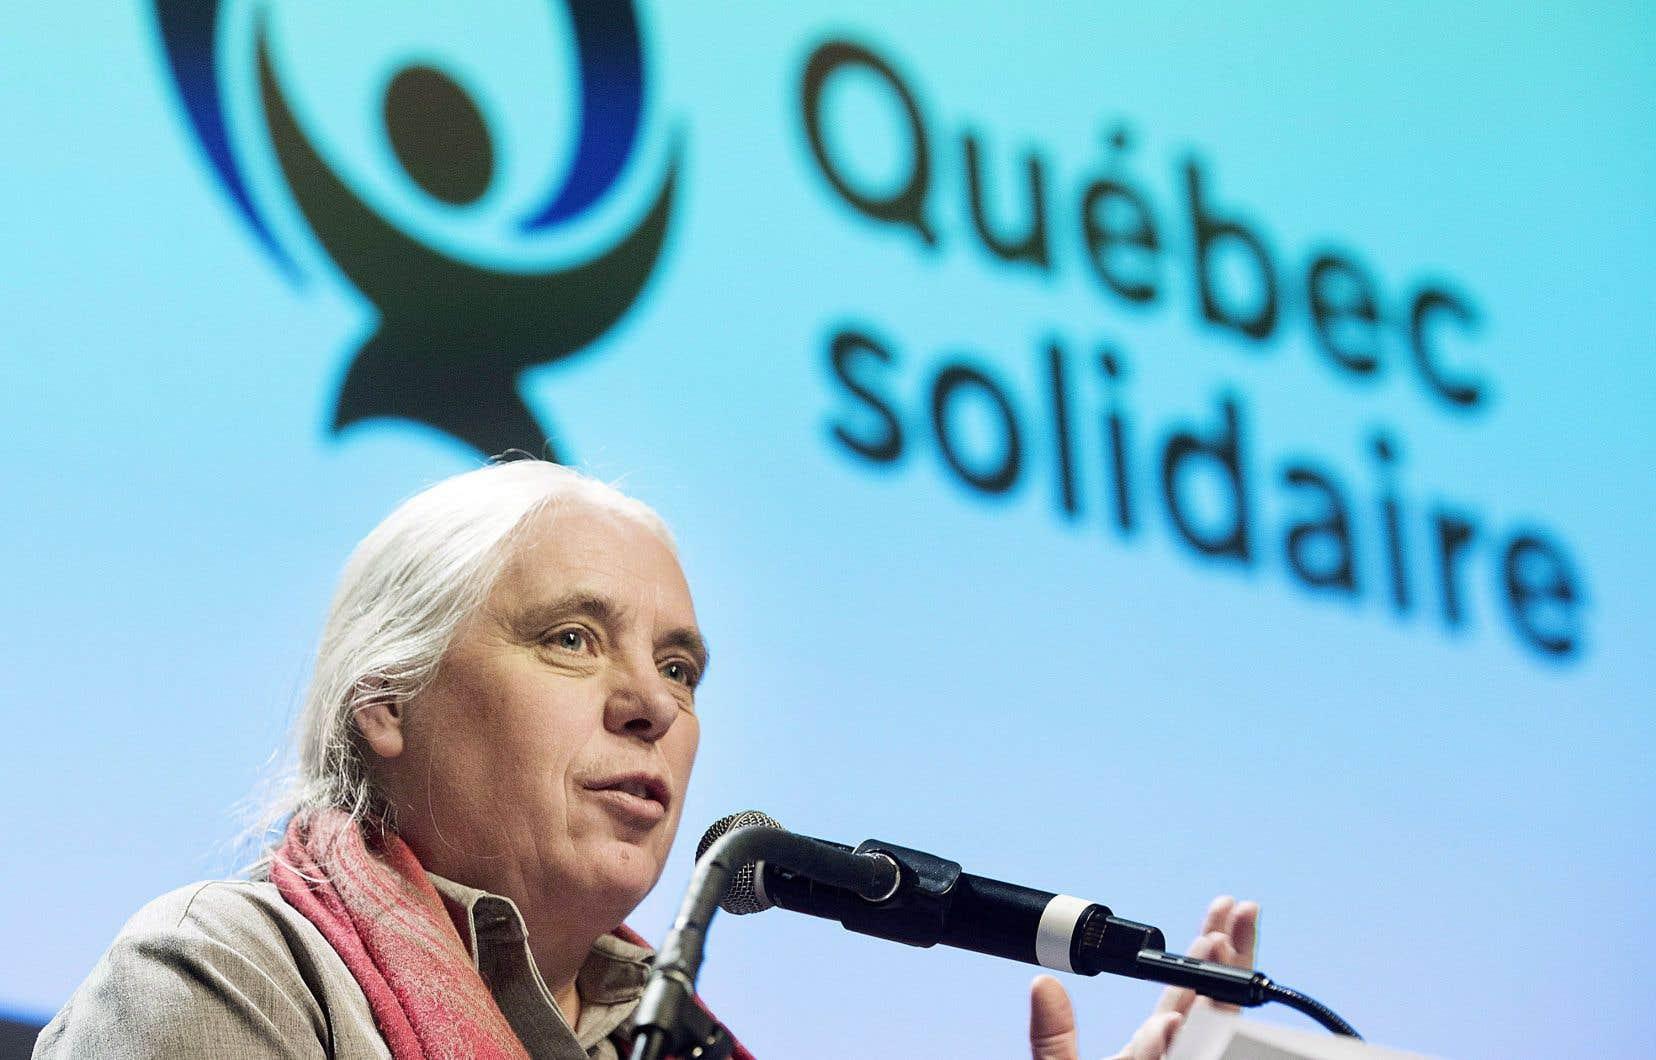 «L'émergence de [Québec Solidaire] QS et par la suite sa croissance ont été rendues possibles par la faillite du Parti québécois (PQ)», affirme l'auteur.